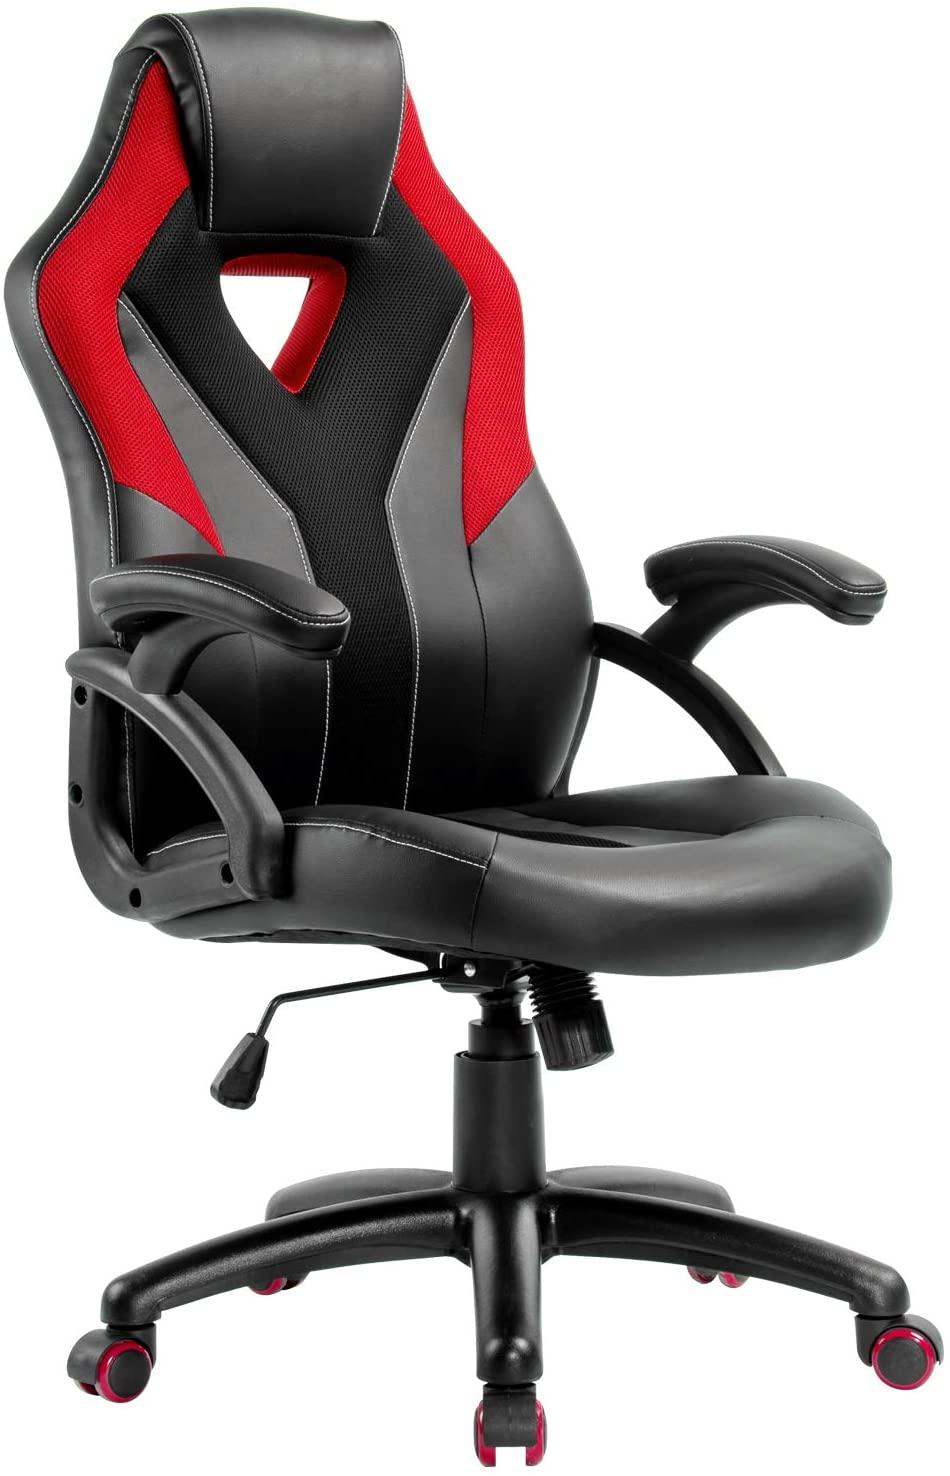 アマゾンでゲーミングチェア風、割と普通の椅子が4割引。